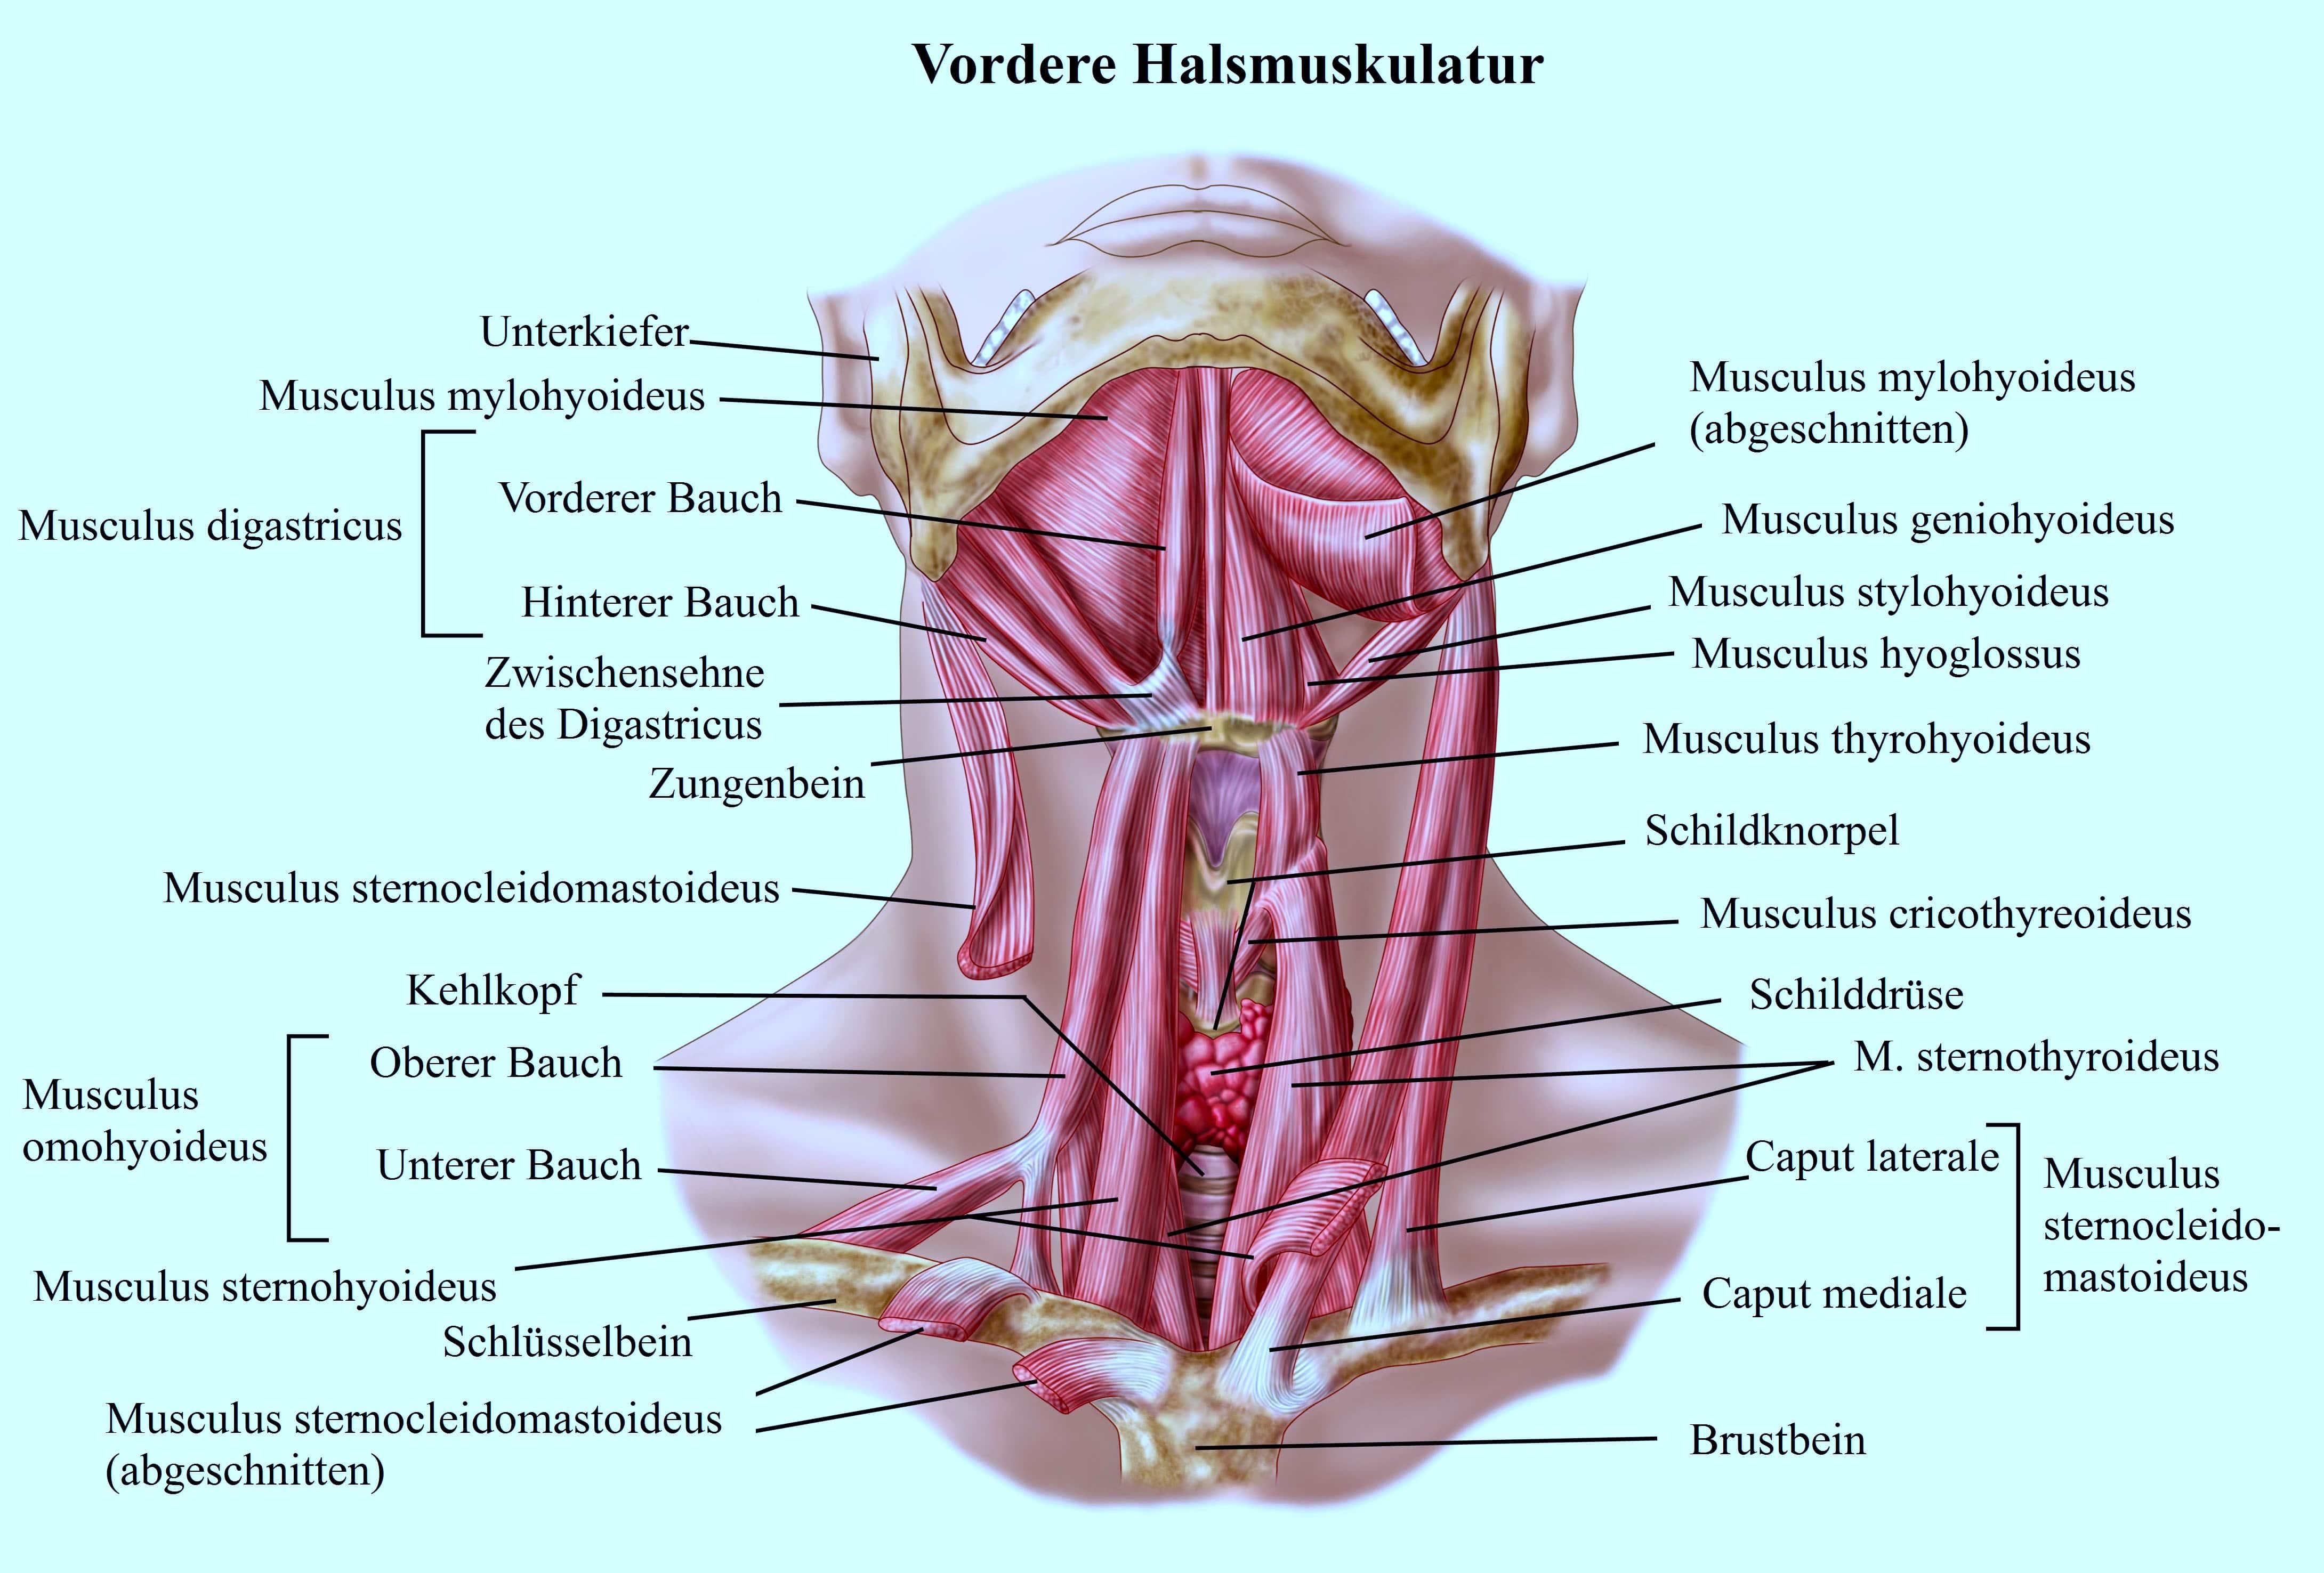 Vordere Halsmuskulatur, Zungenbein, Sternocleidomastoideus